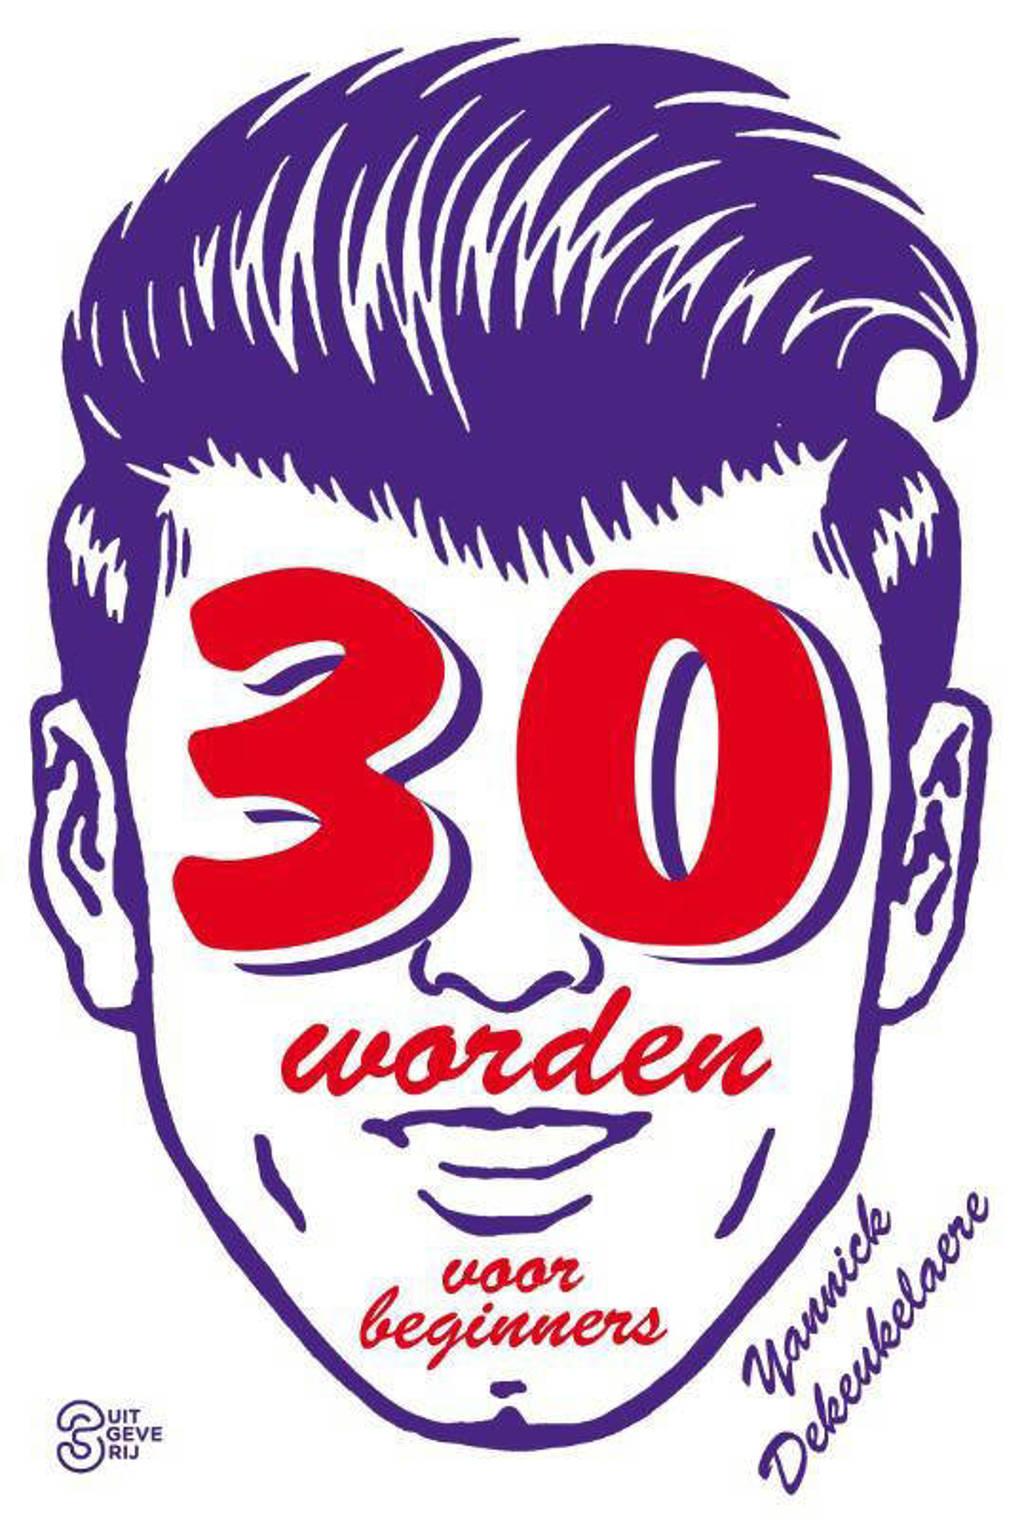 30 worden voor beginners - Yannick Dekeukelaere